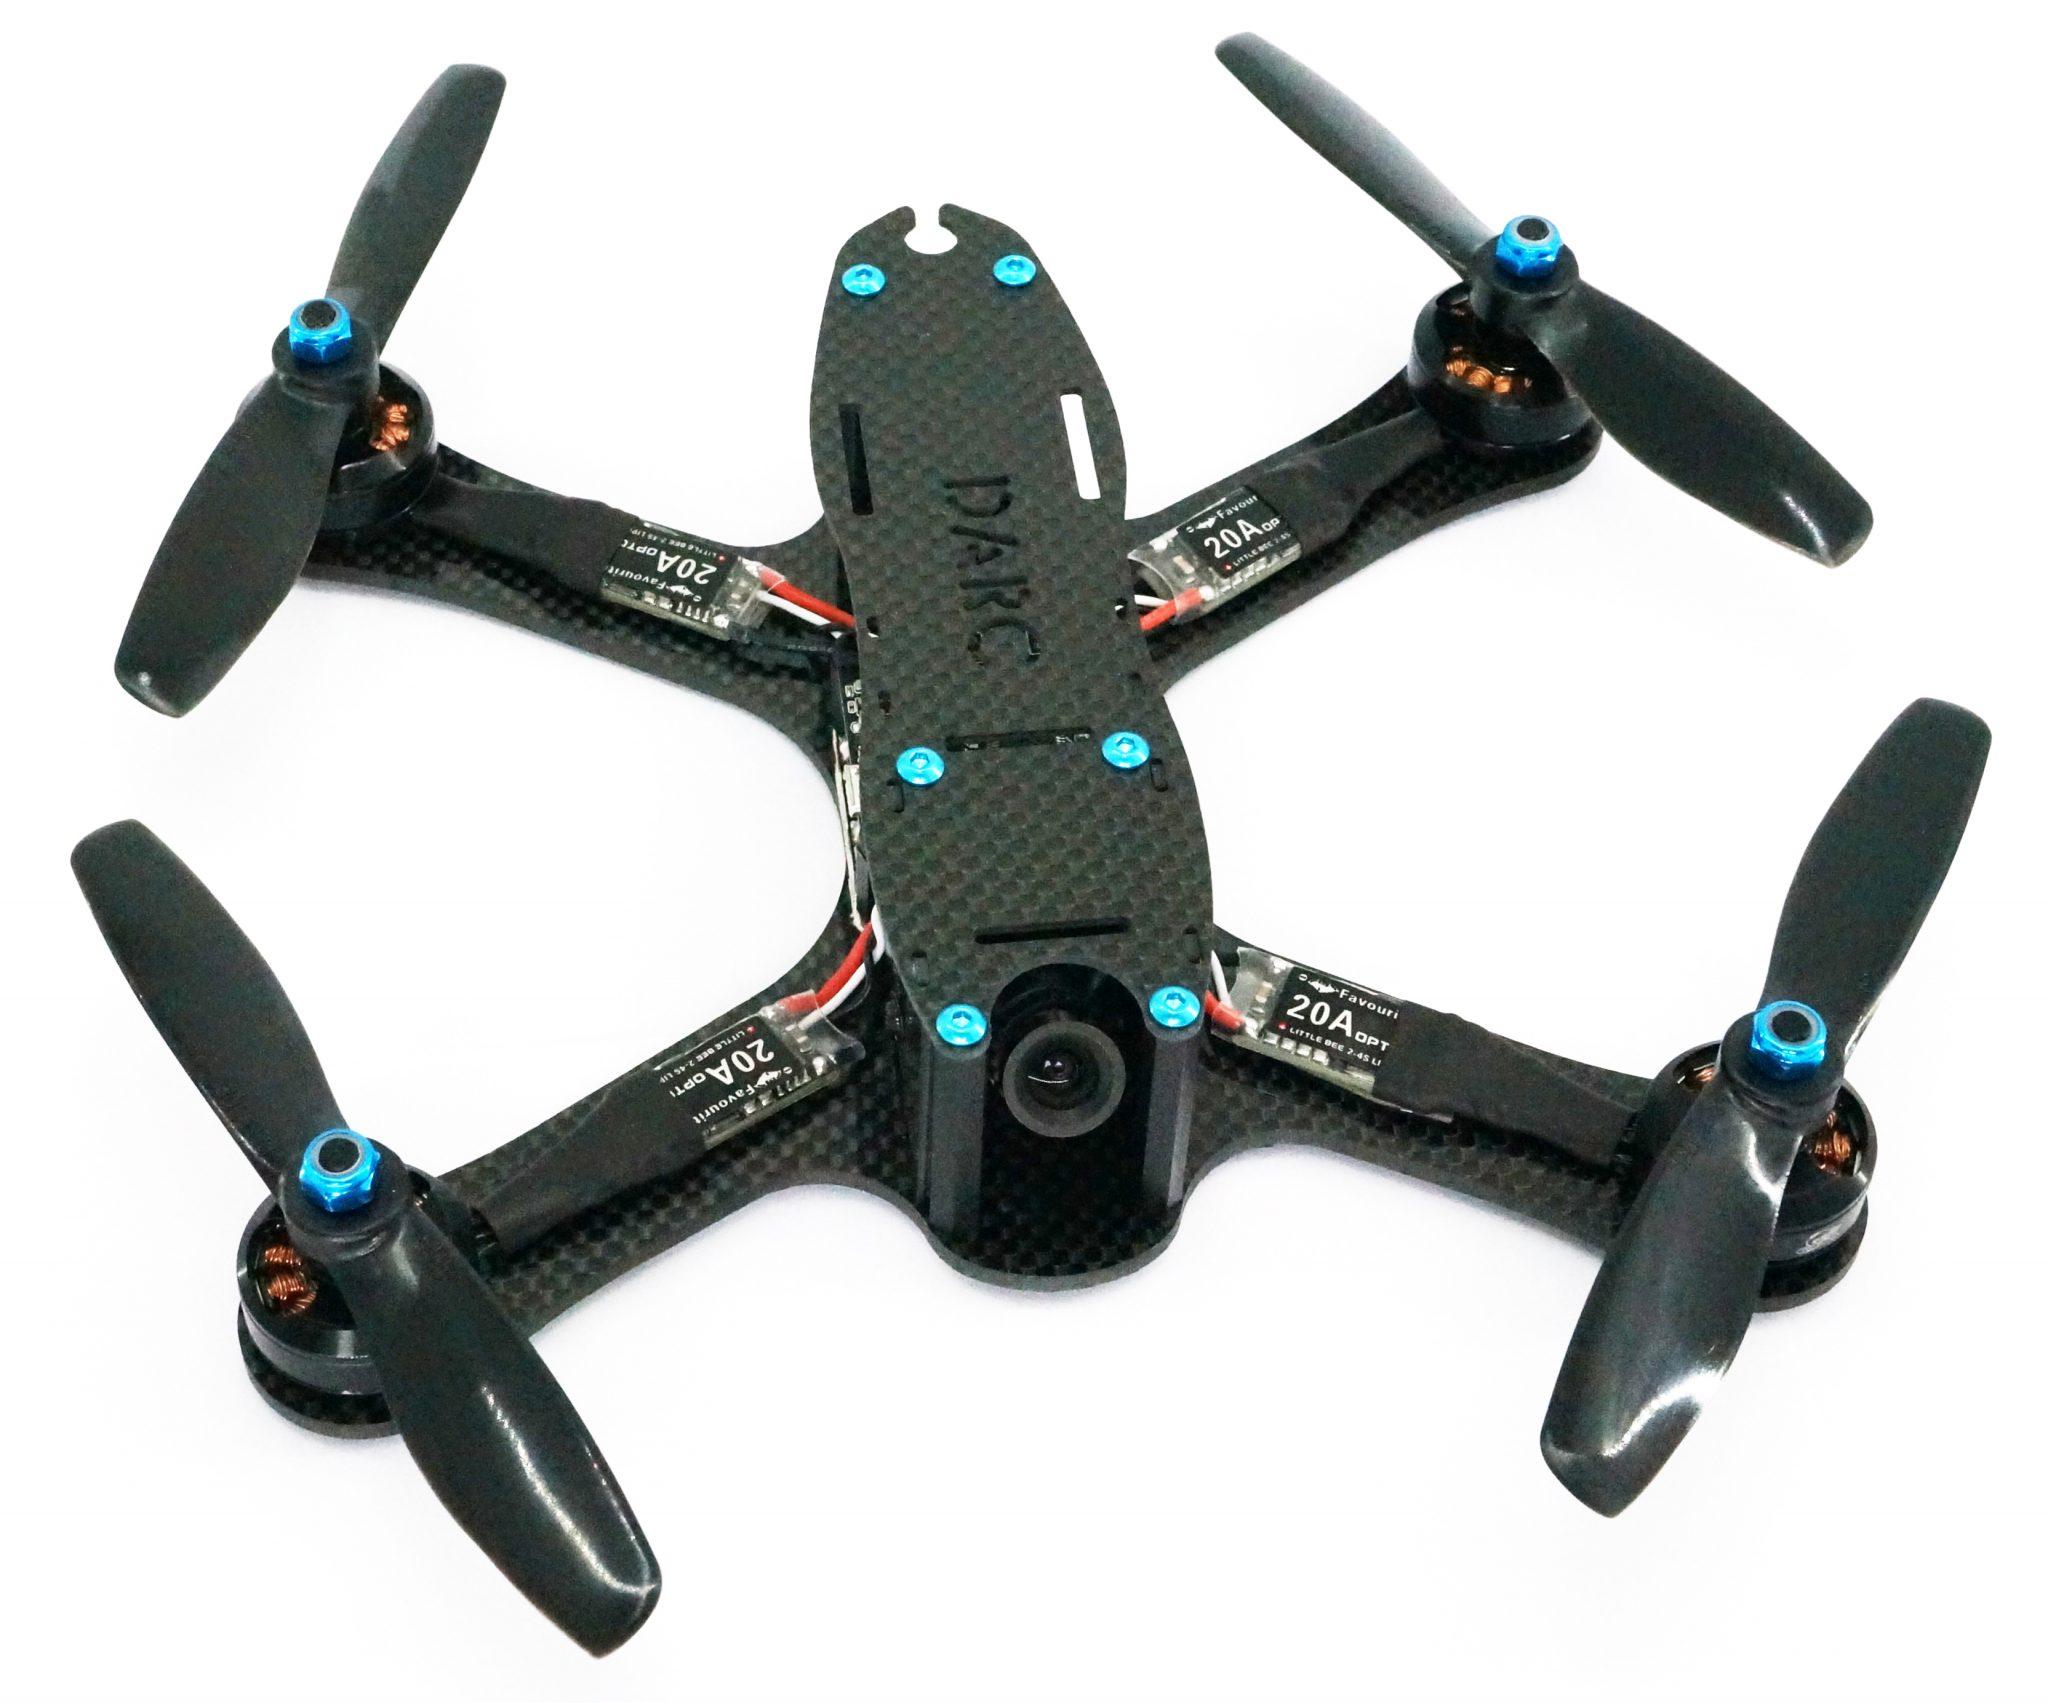 cc0f144f1e5 Drone Racing - Drones de carreras / Competición FPV